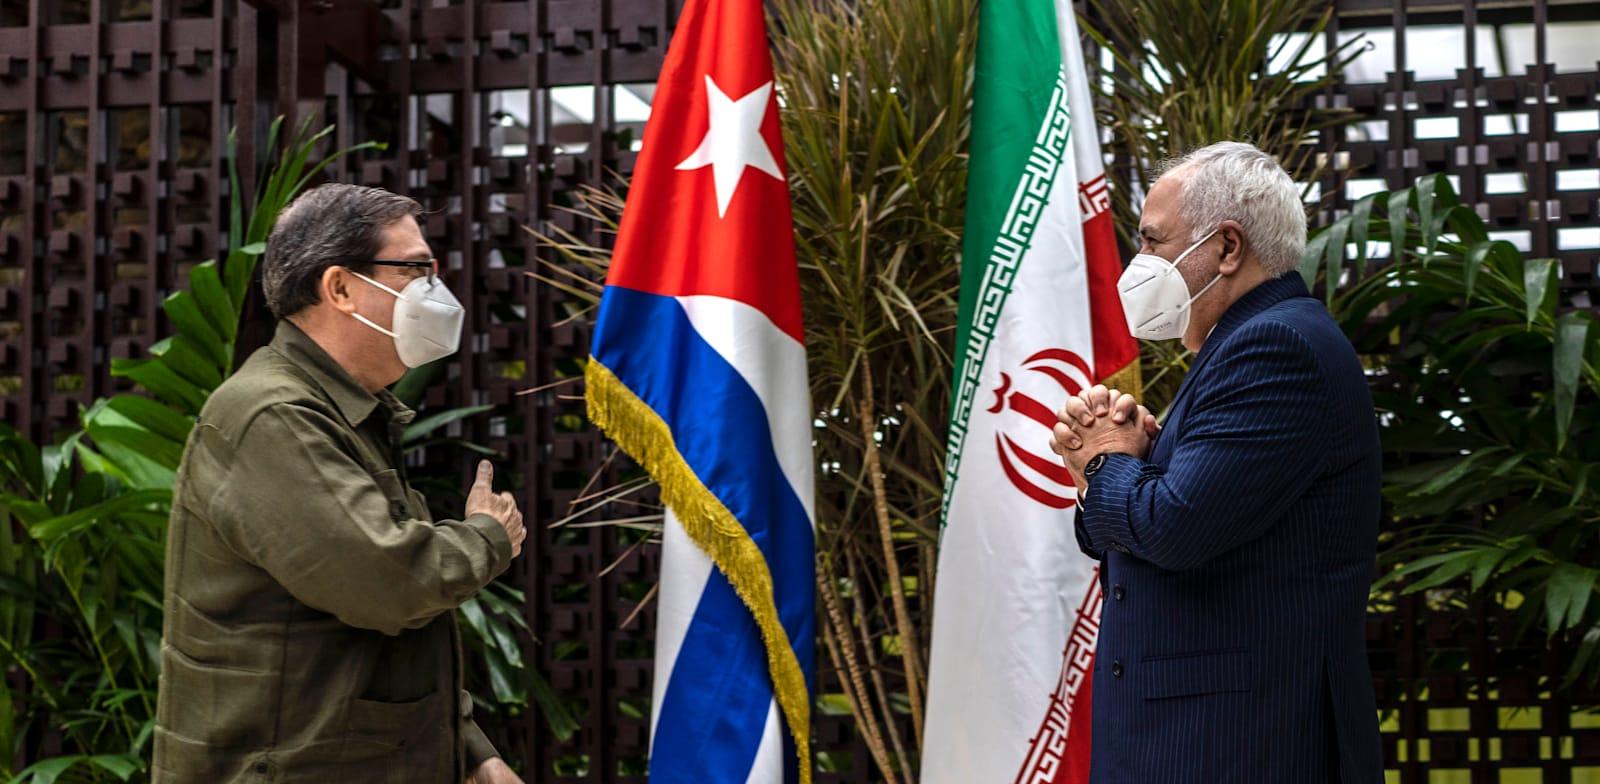 פגישת שרי החוץ של איראן וקובה בהוואנה / צילום: Associated Press, Ramon Espinosa